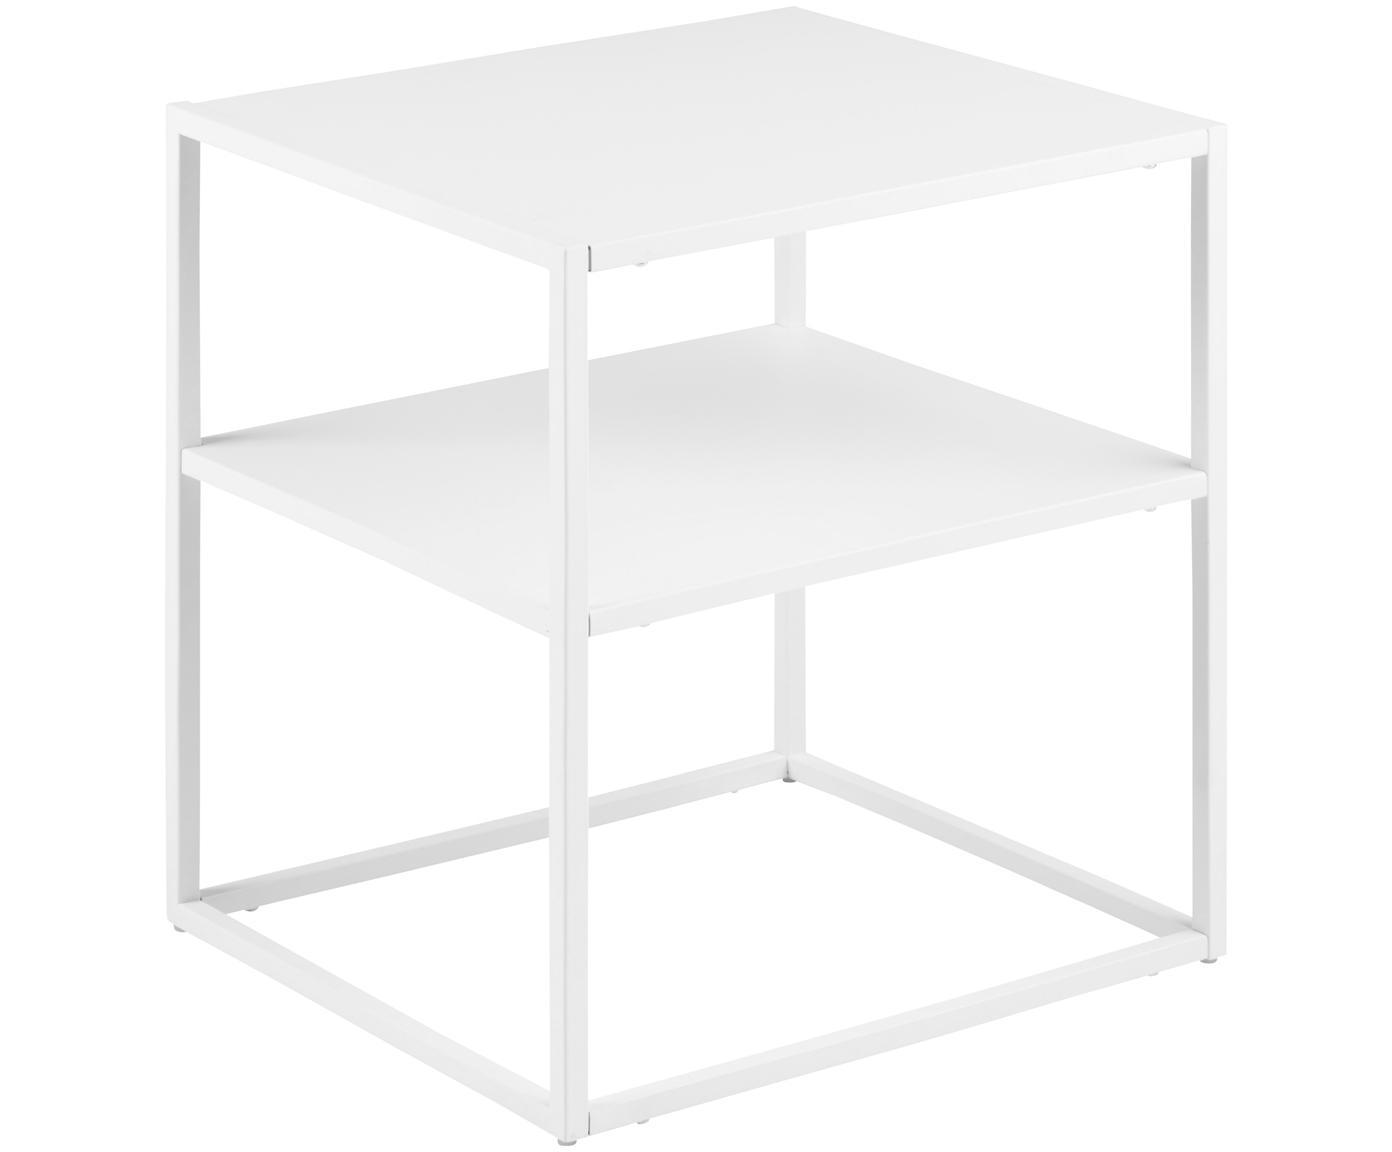 Tavolino in metallo bianco Newton, Metallo verniciato, Gambe: legno di quercia Corpo e frontale: bianco, opaco, Larg. 45 x Prof. 40 cm